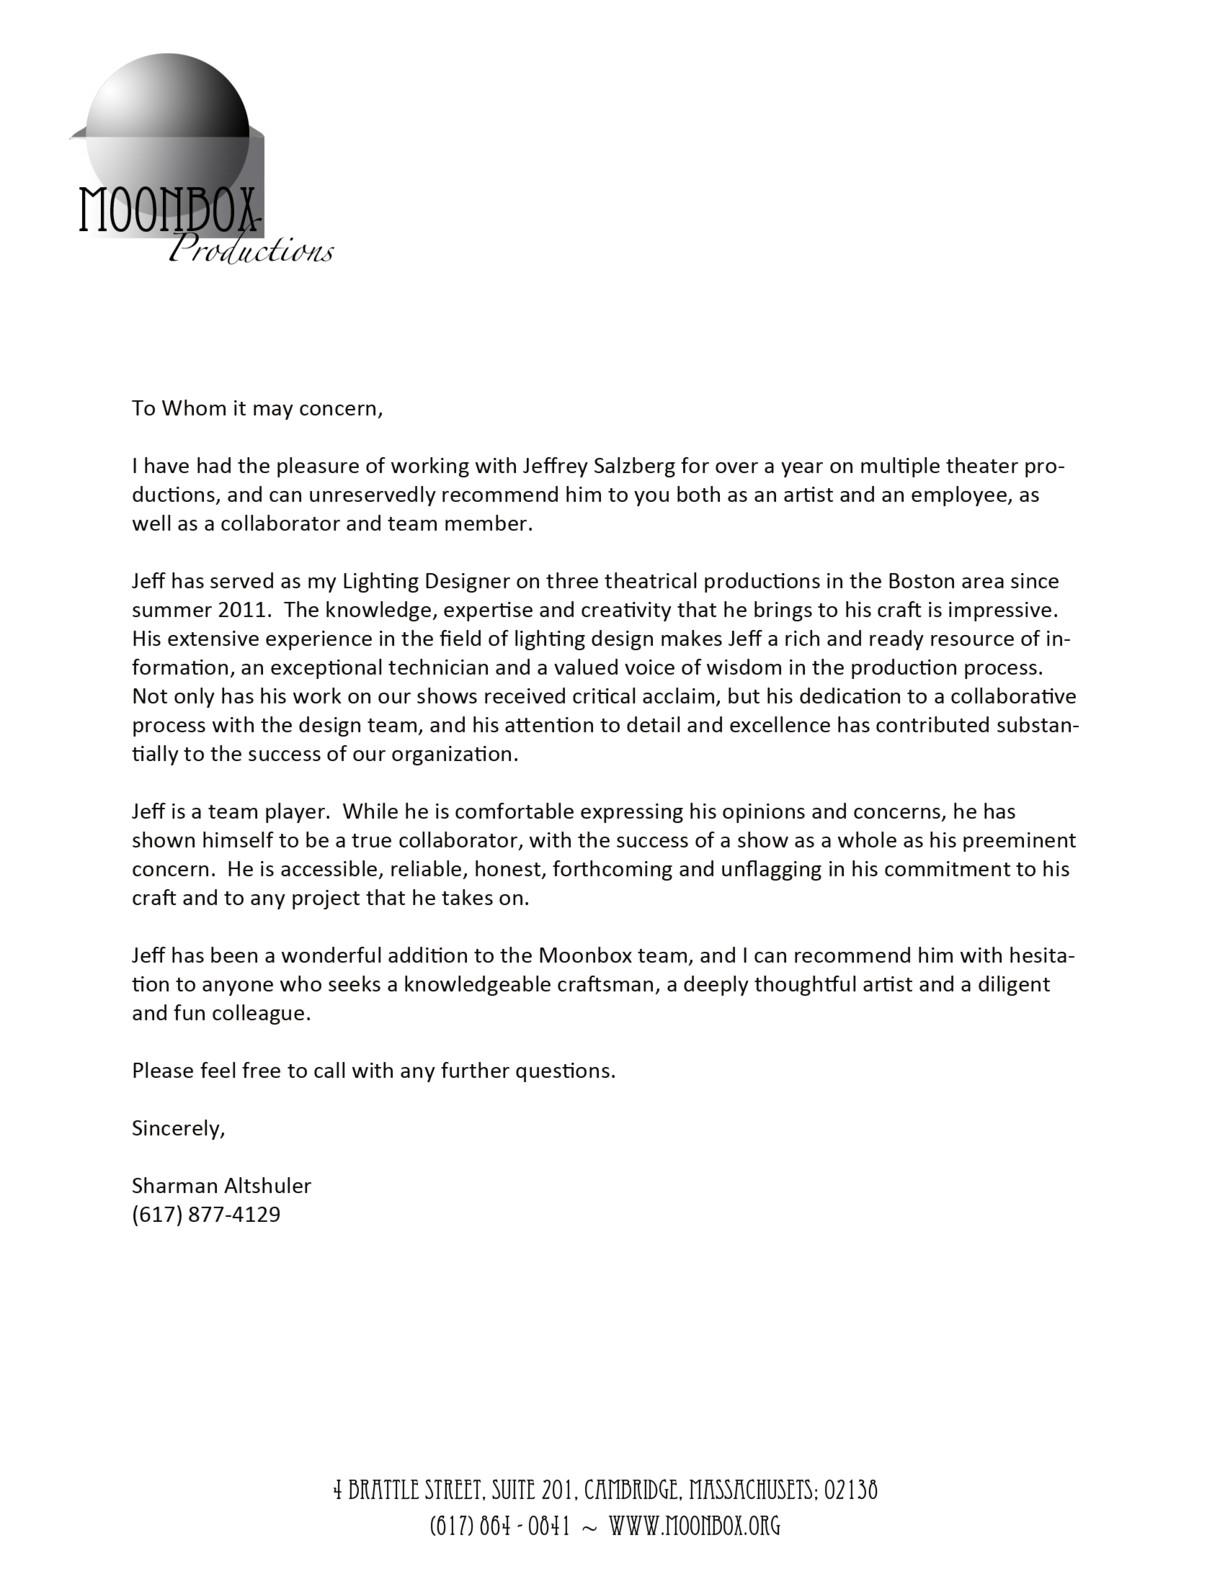 Artistic Letter Of Recommendation  MaggiLocustdesignCo